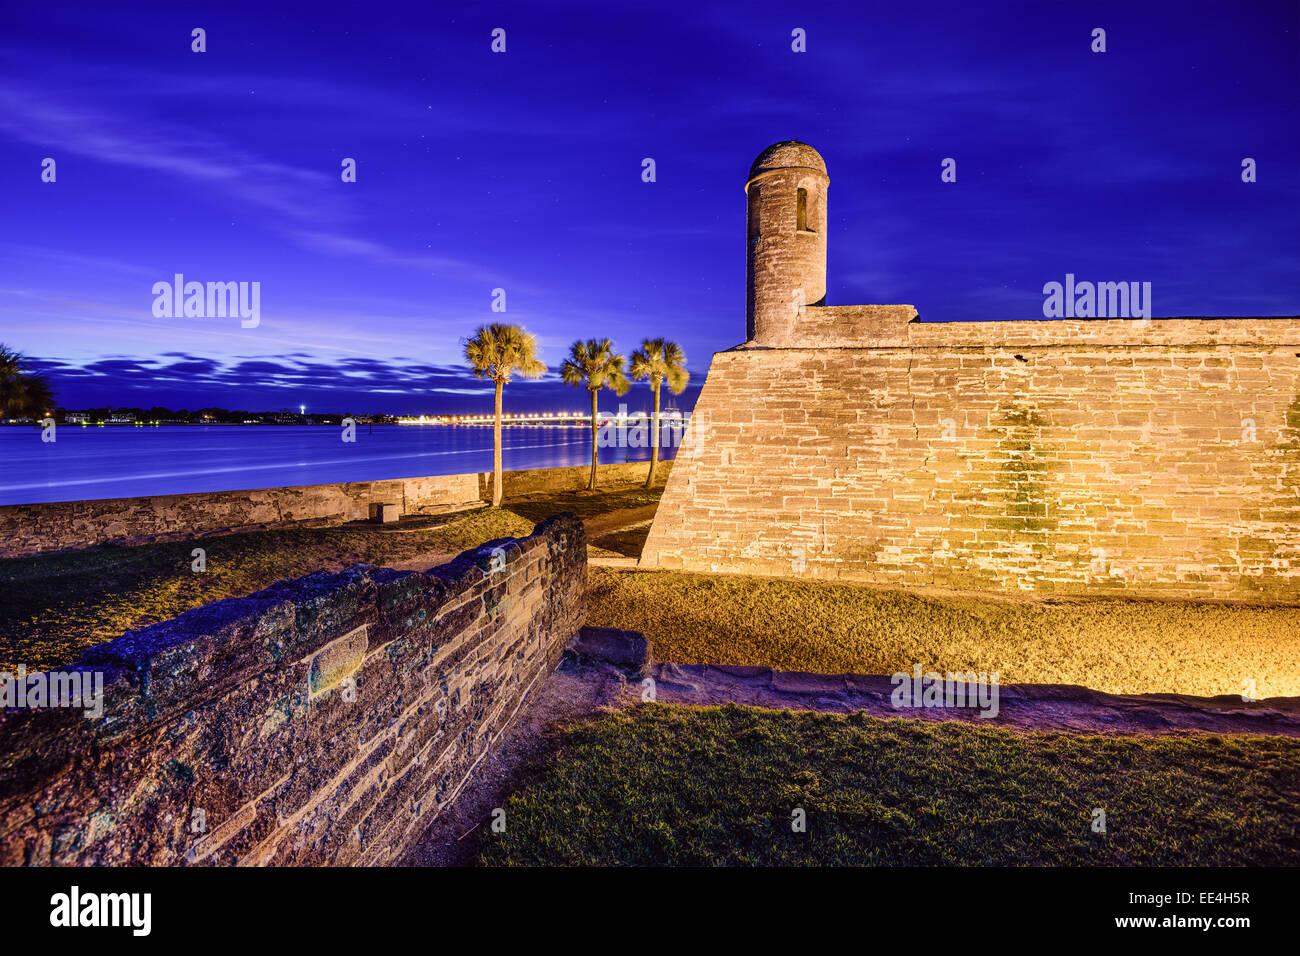 San Agustín, Florida, en el Castillo de San Marcos Monumento Nacional. Imagen De Stock